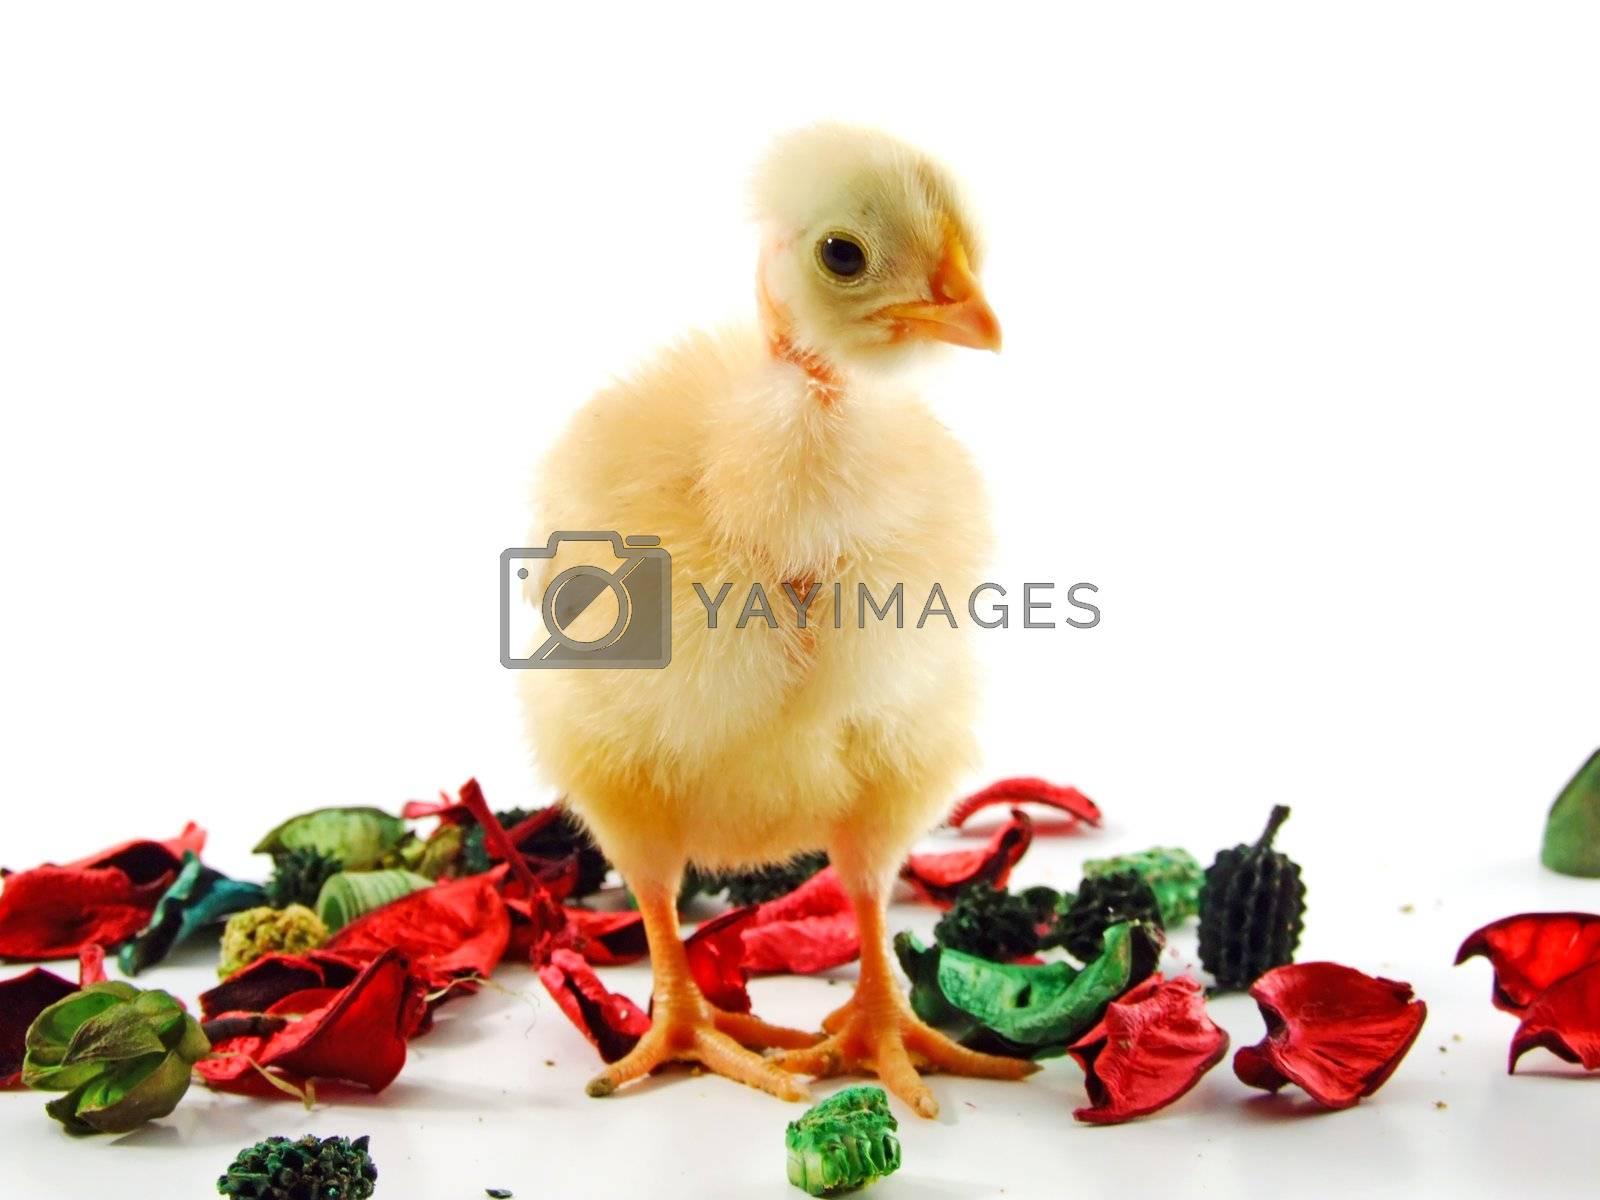 Baby chicken by PauloResende